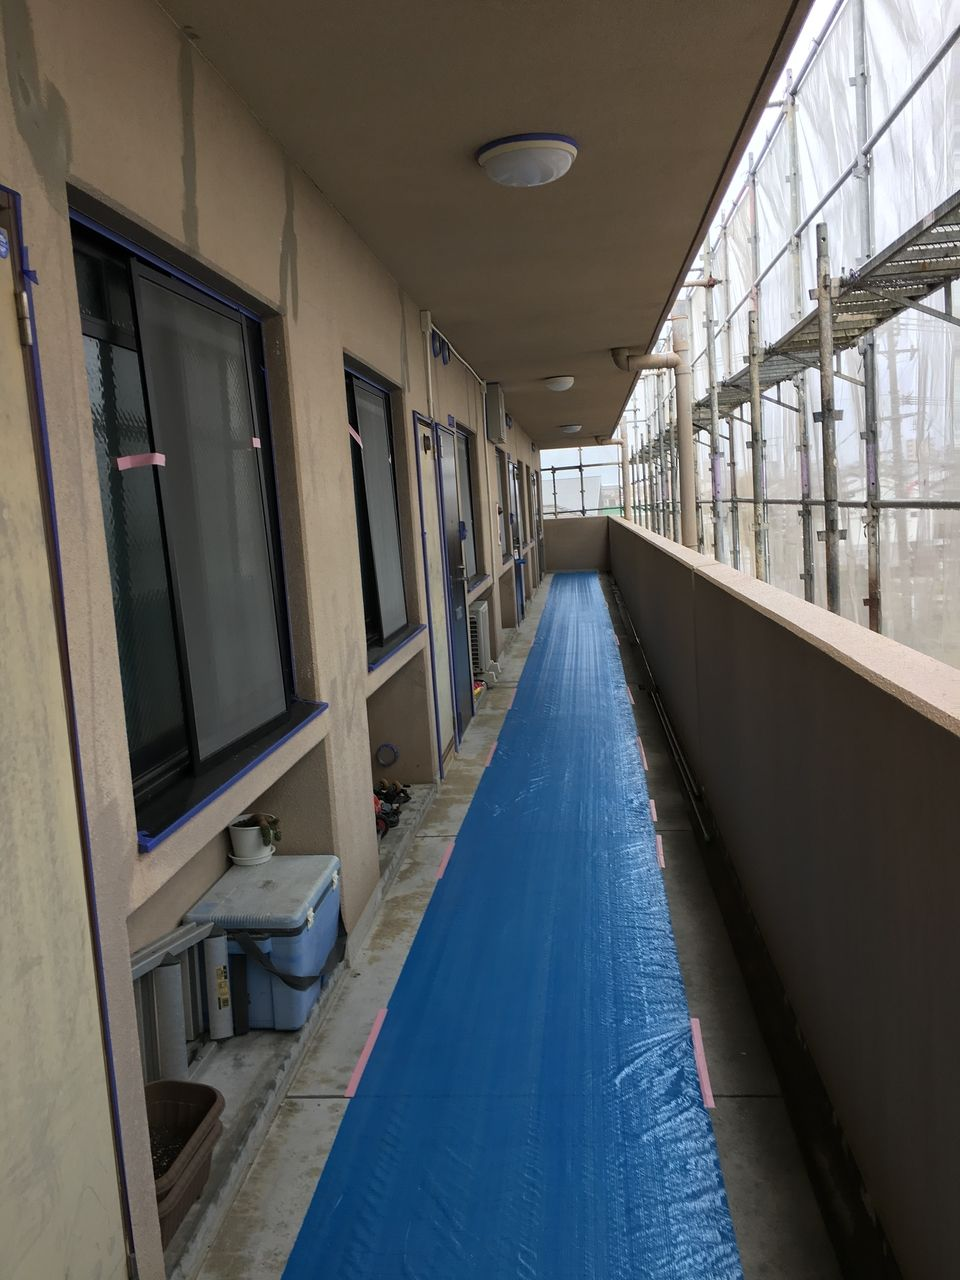 廊下に養生シートが張られました。壁の補修も施されています。